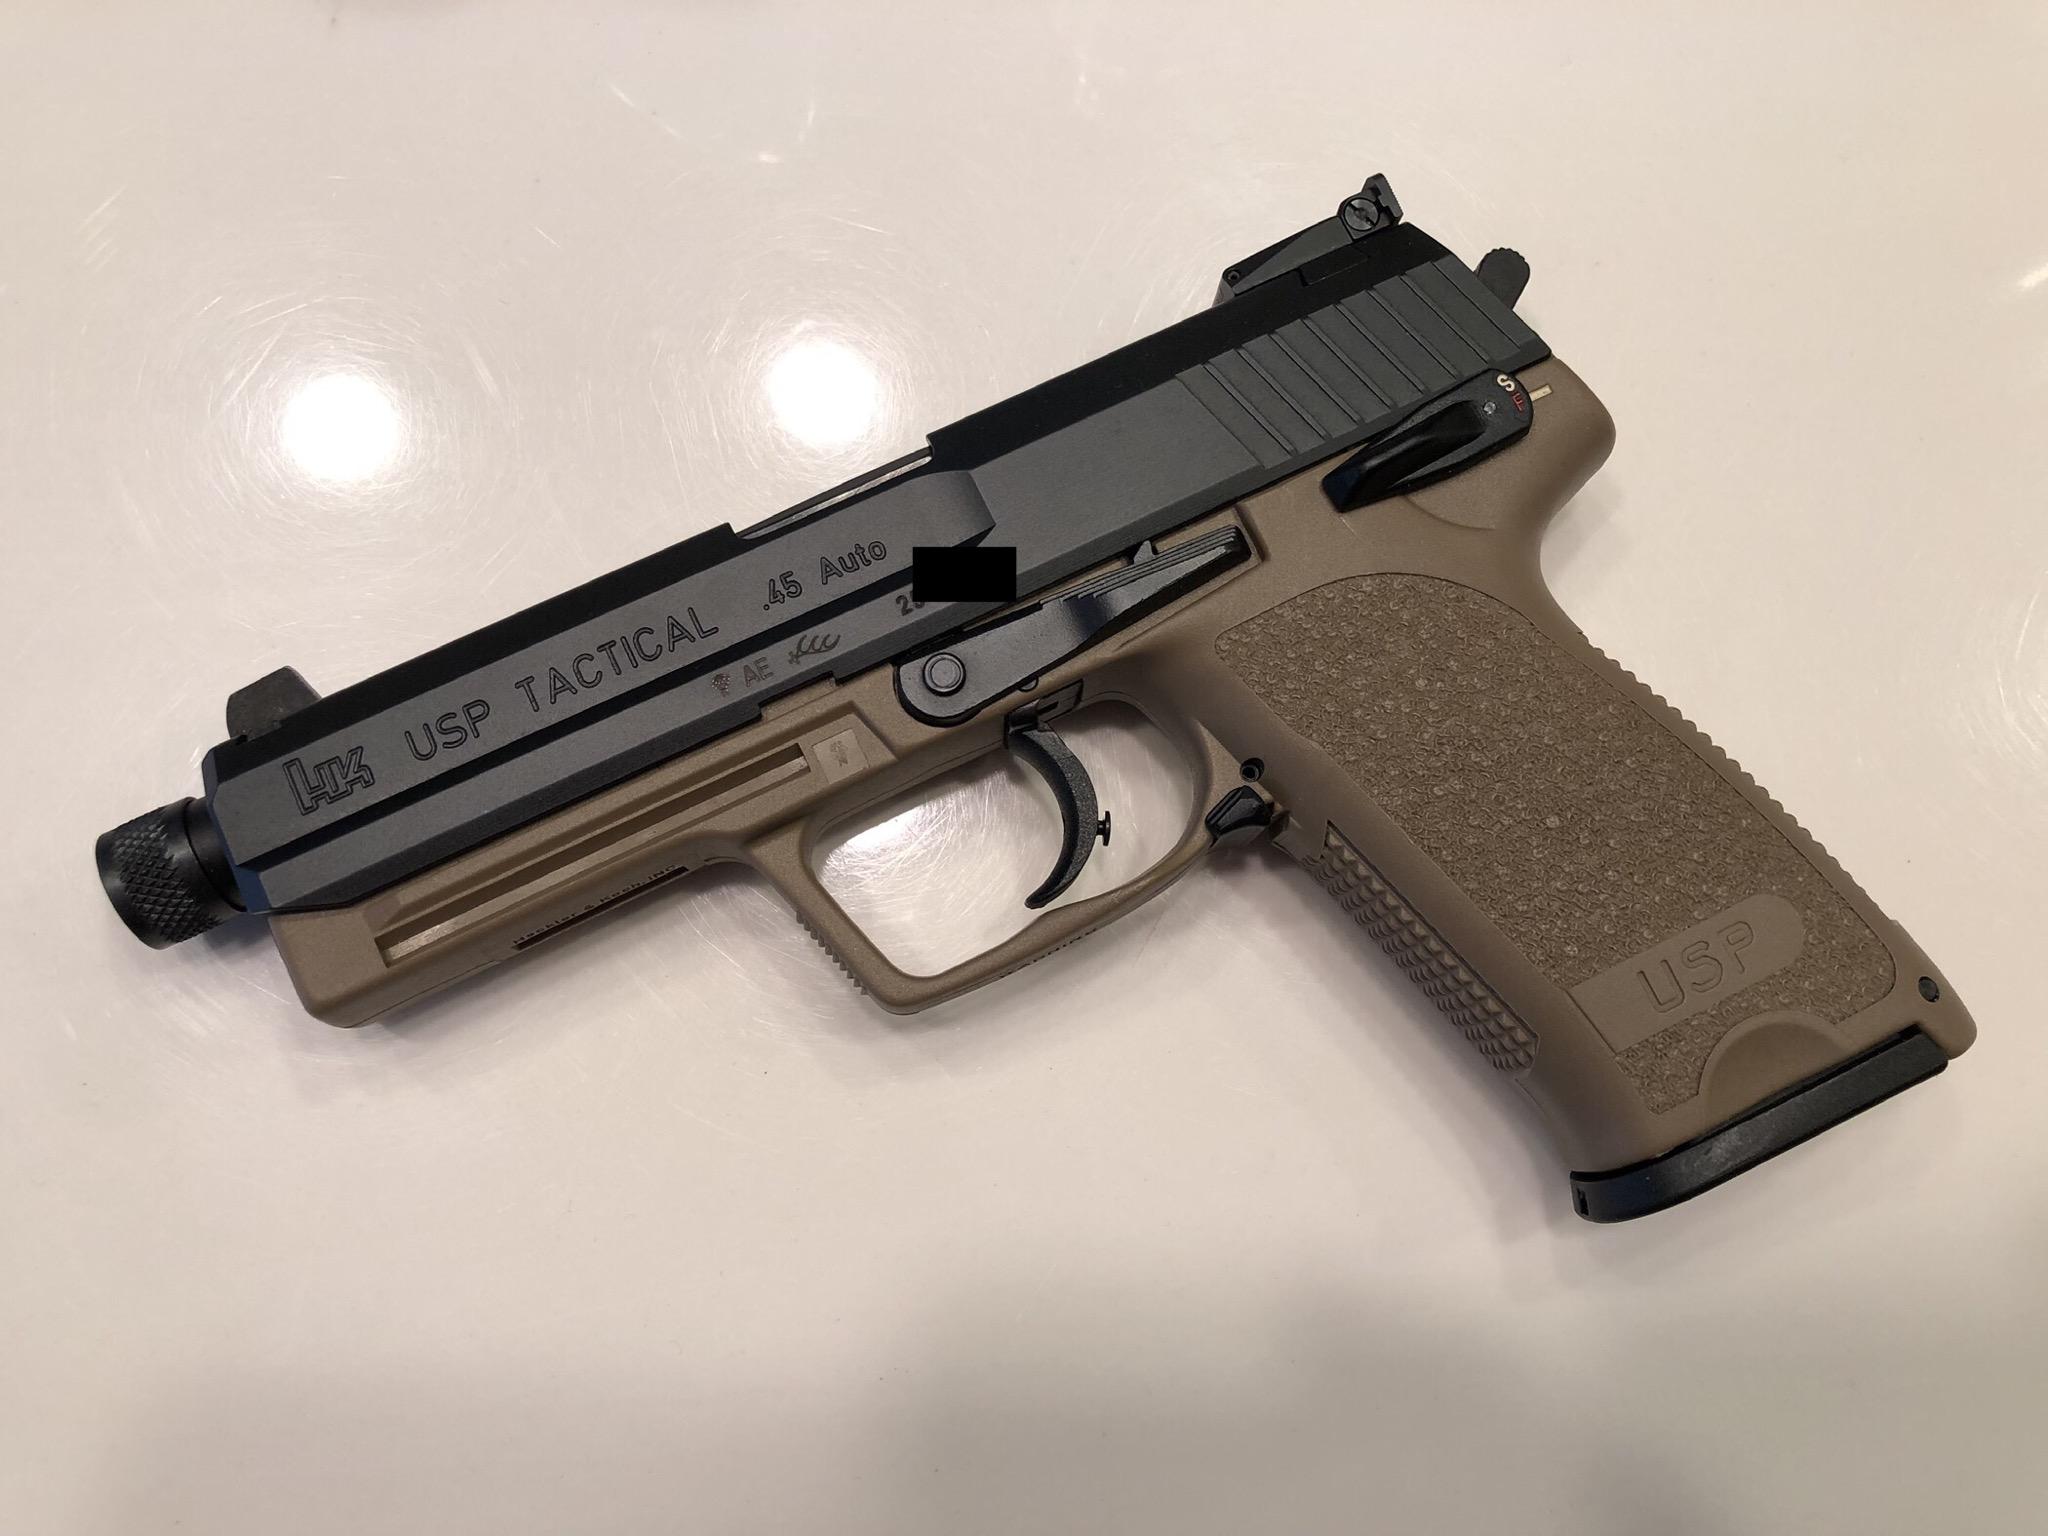 SOLD: HK USP .45 Tan Tactical (FDE)-bad33746-bf0c-4a44-b8d0-749d3f1b5c74.jpeg